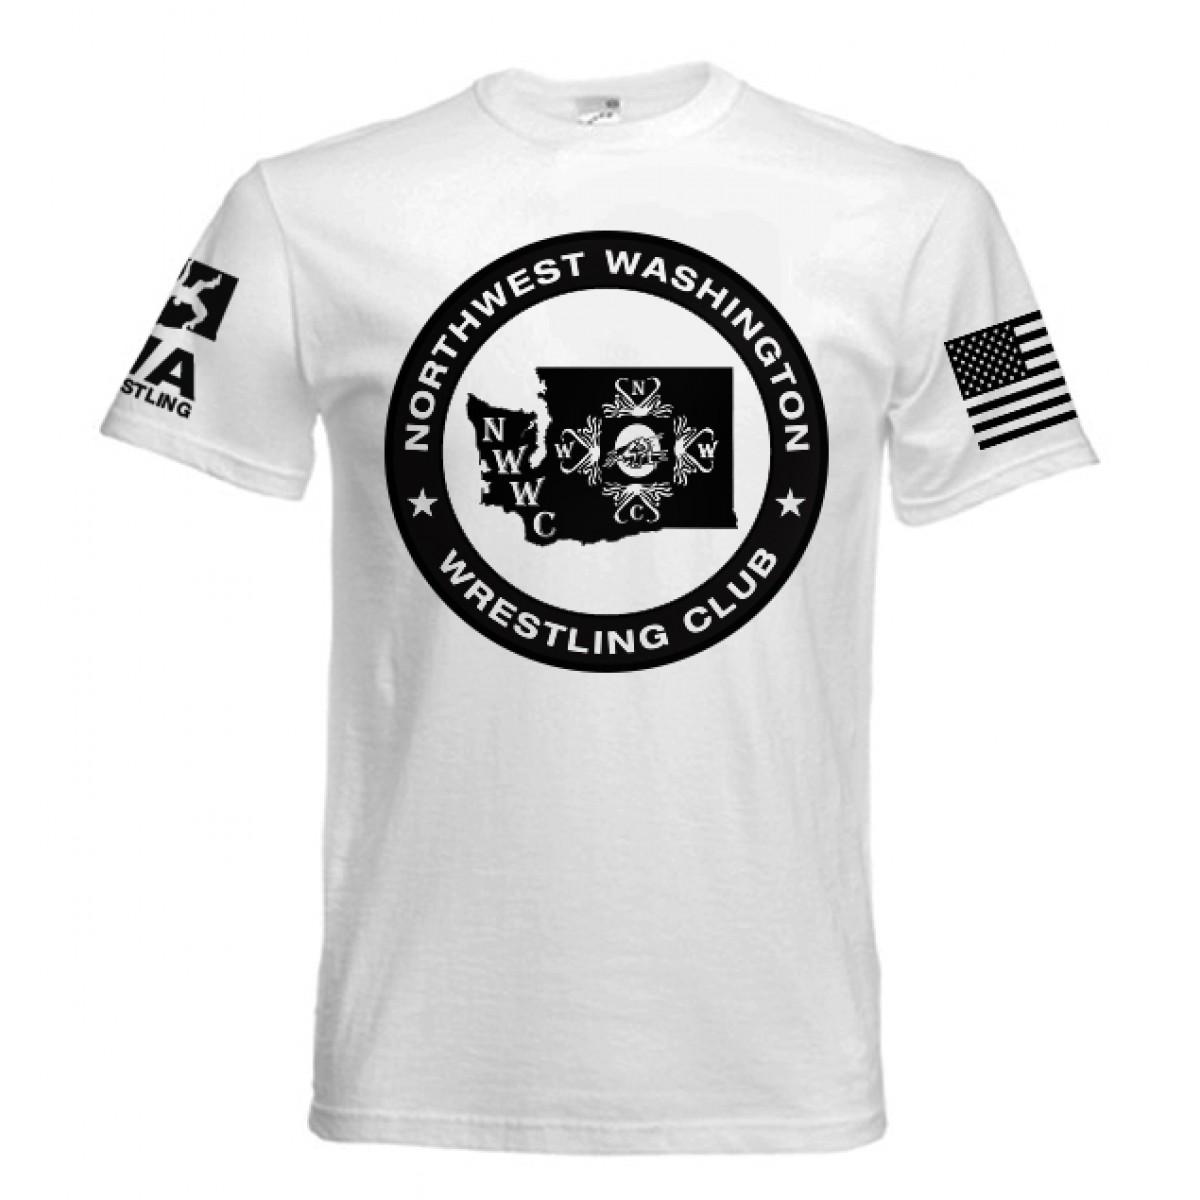 NWWC White T-shirt Black Logo-White-YS